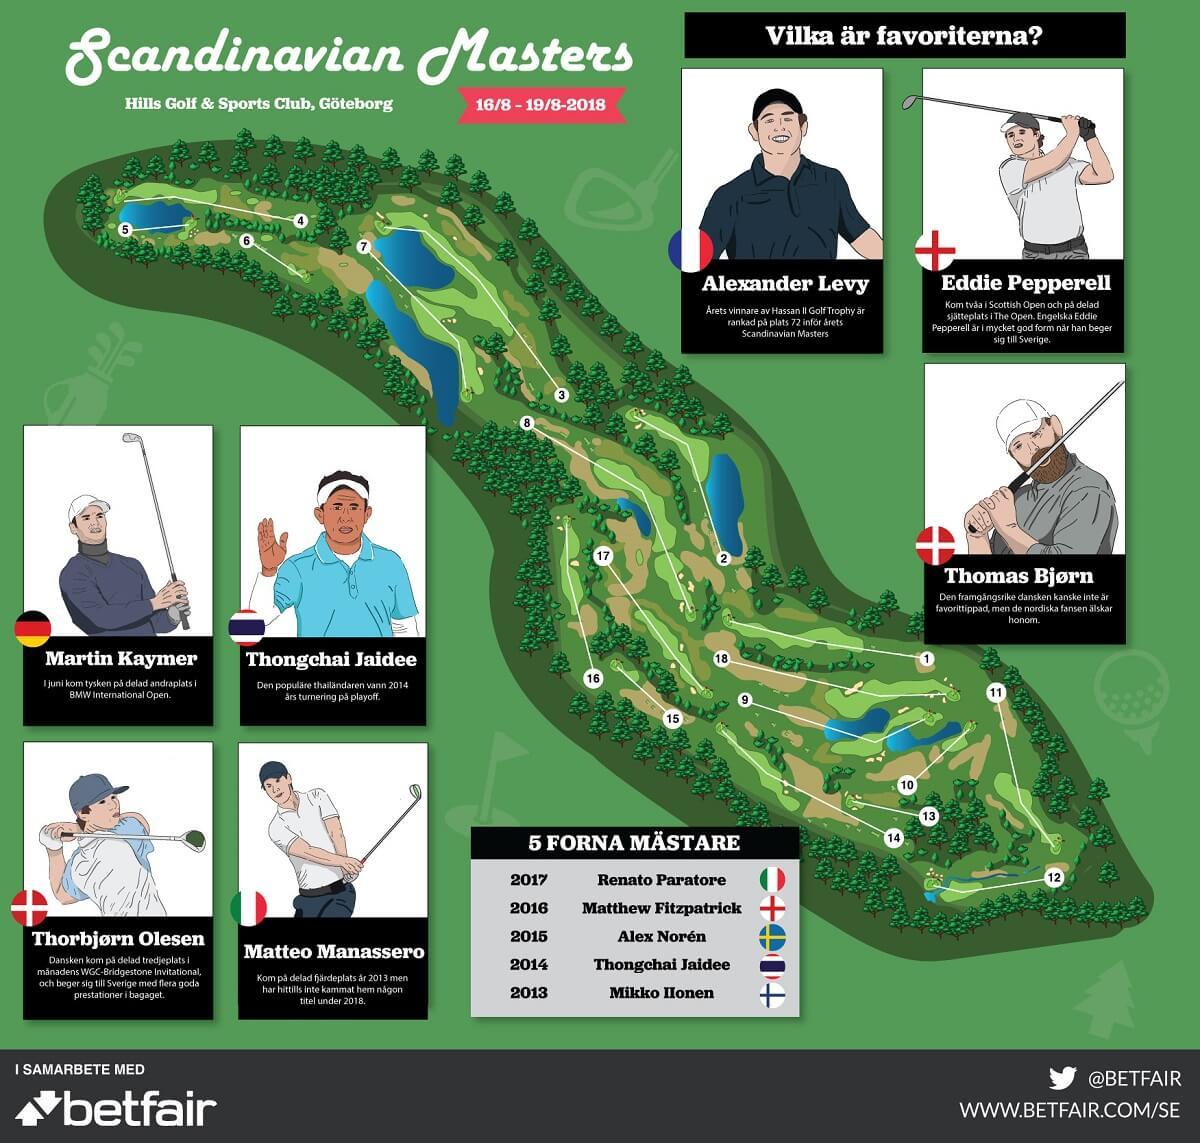 Scandinavian Masters 2018